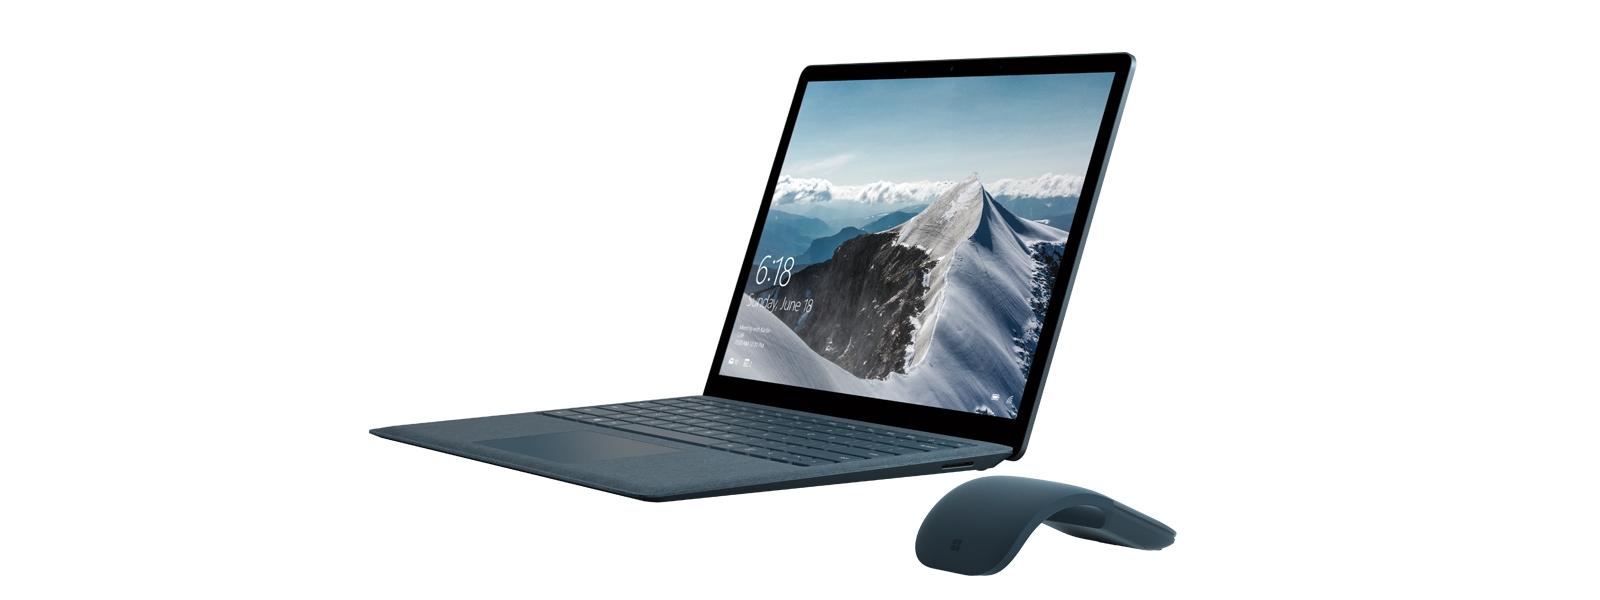 Surface Laptop Bleu cobalt de côté, avec un arrière-plan de montagne enneigée à l'écran, à côté d'une souris Arc Touch Mouse bleu cobalt.